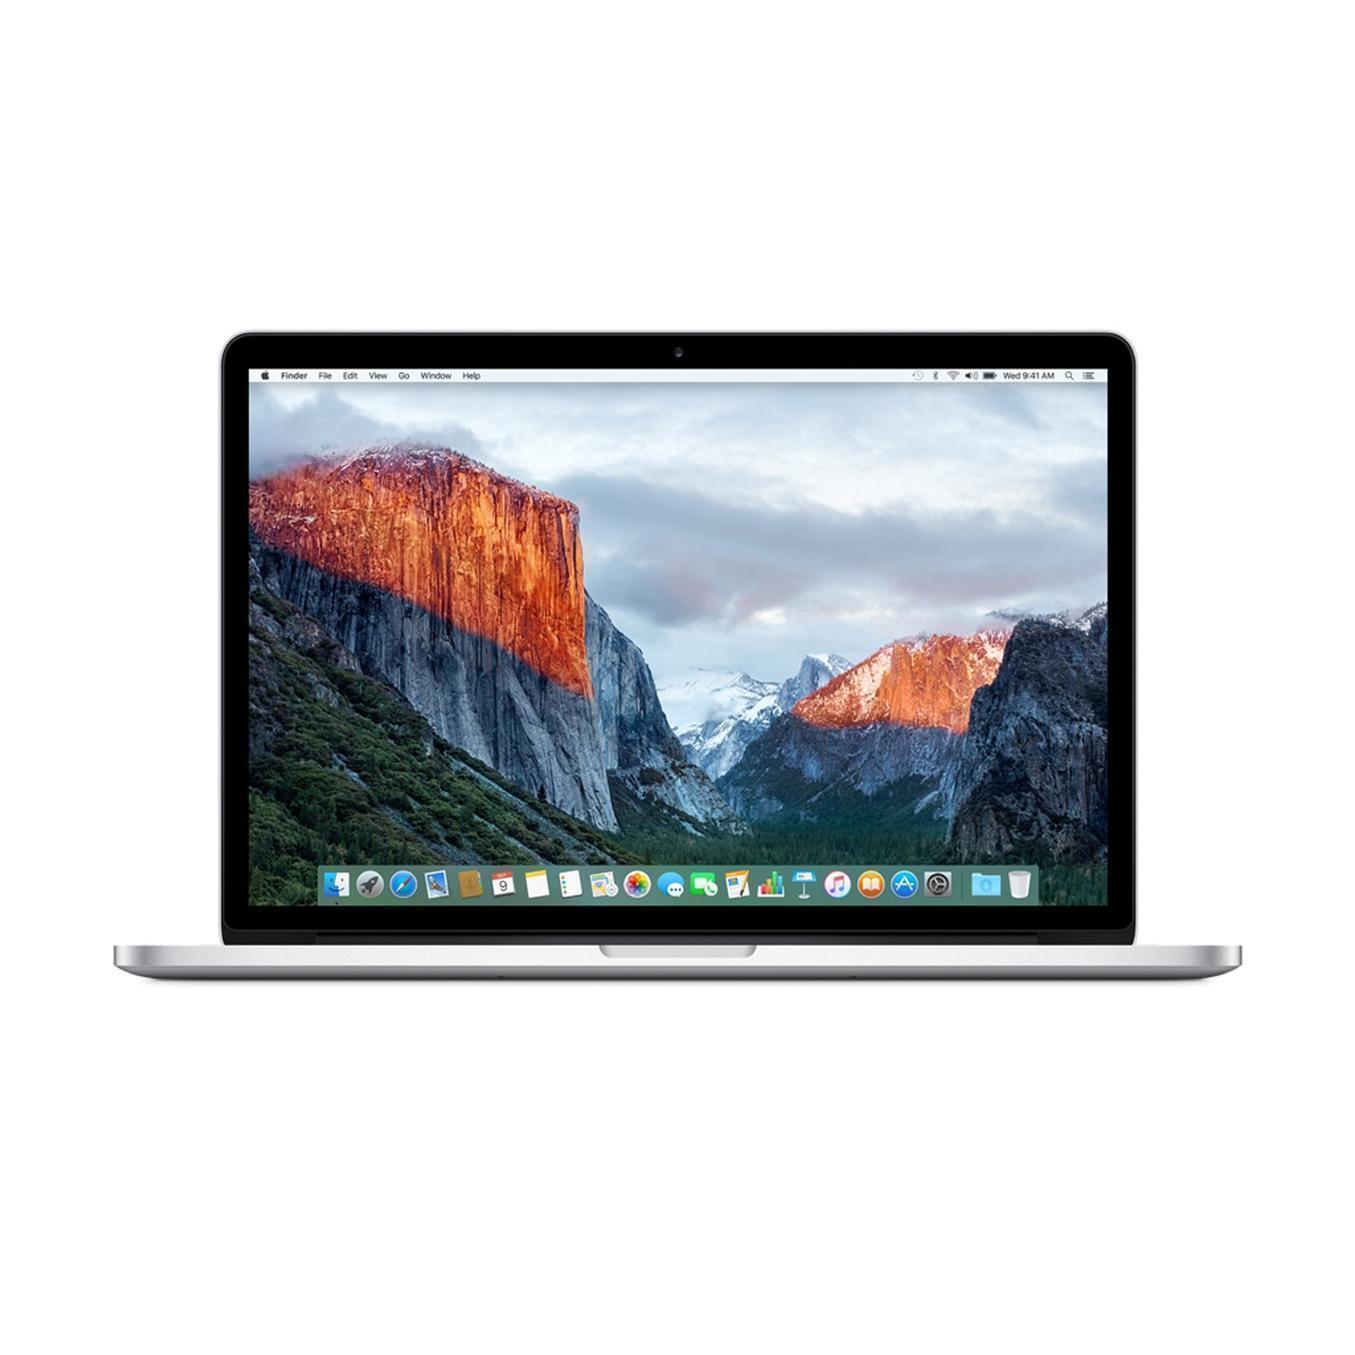 MacBook Pro Retina 15,4-tum (2013) - Core i7 - 16GB - SSD 512 GB QWERTY - Italienska